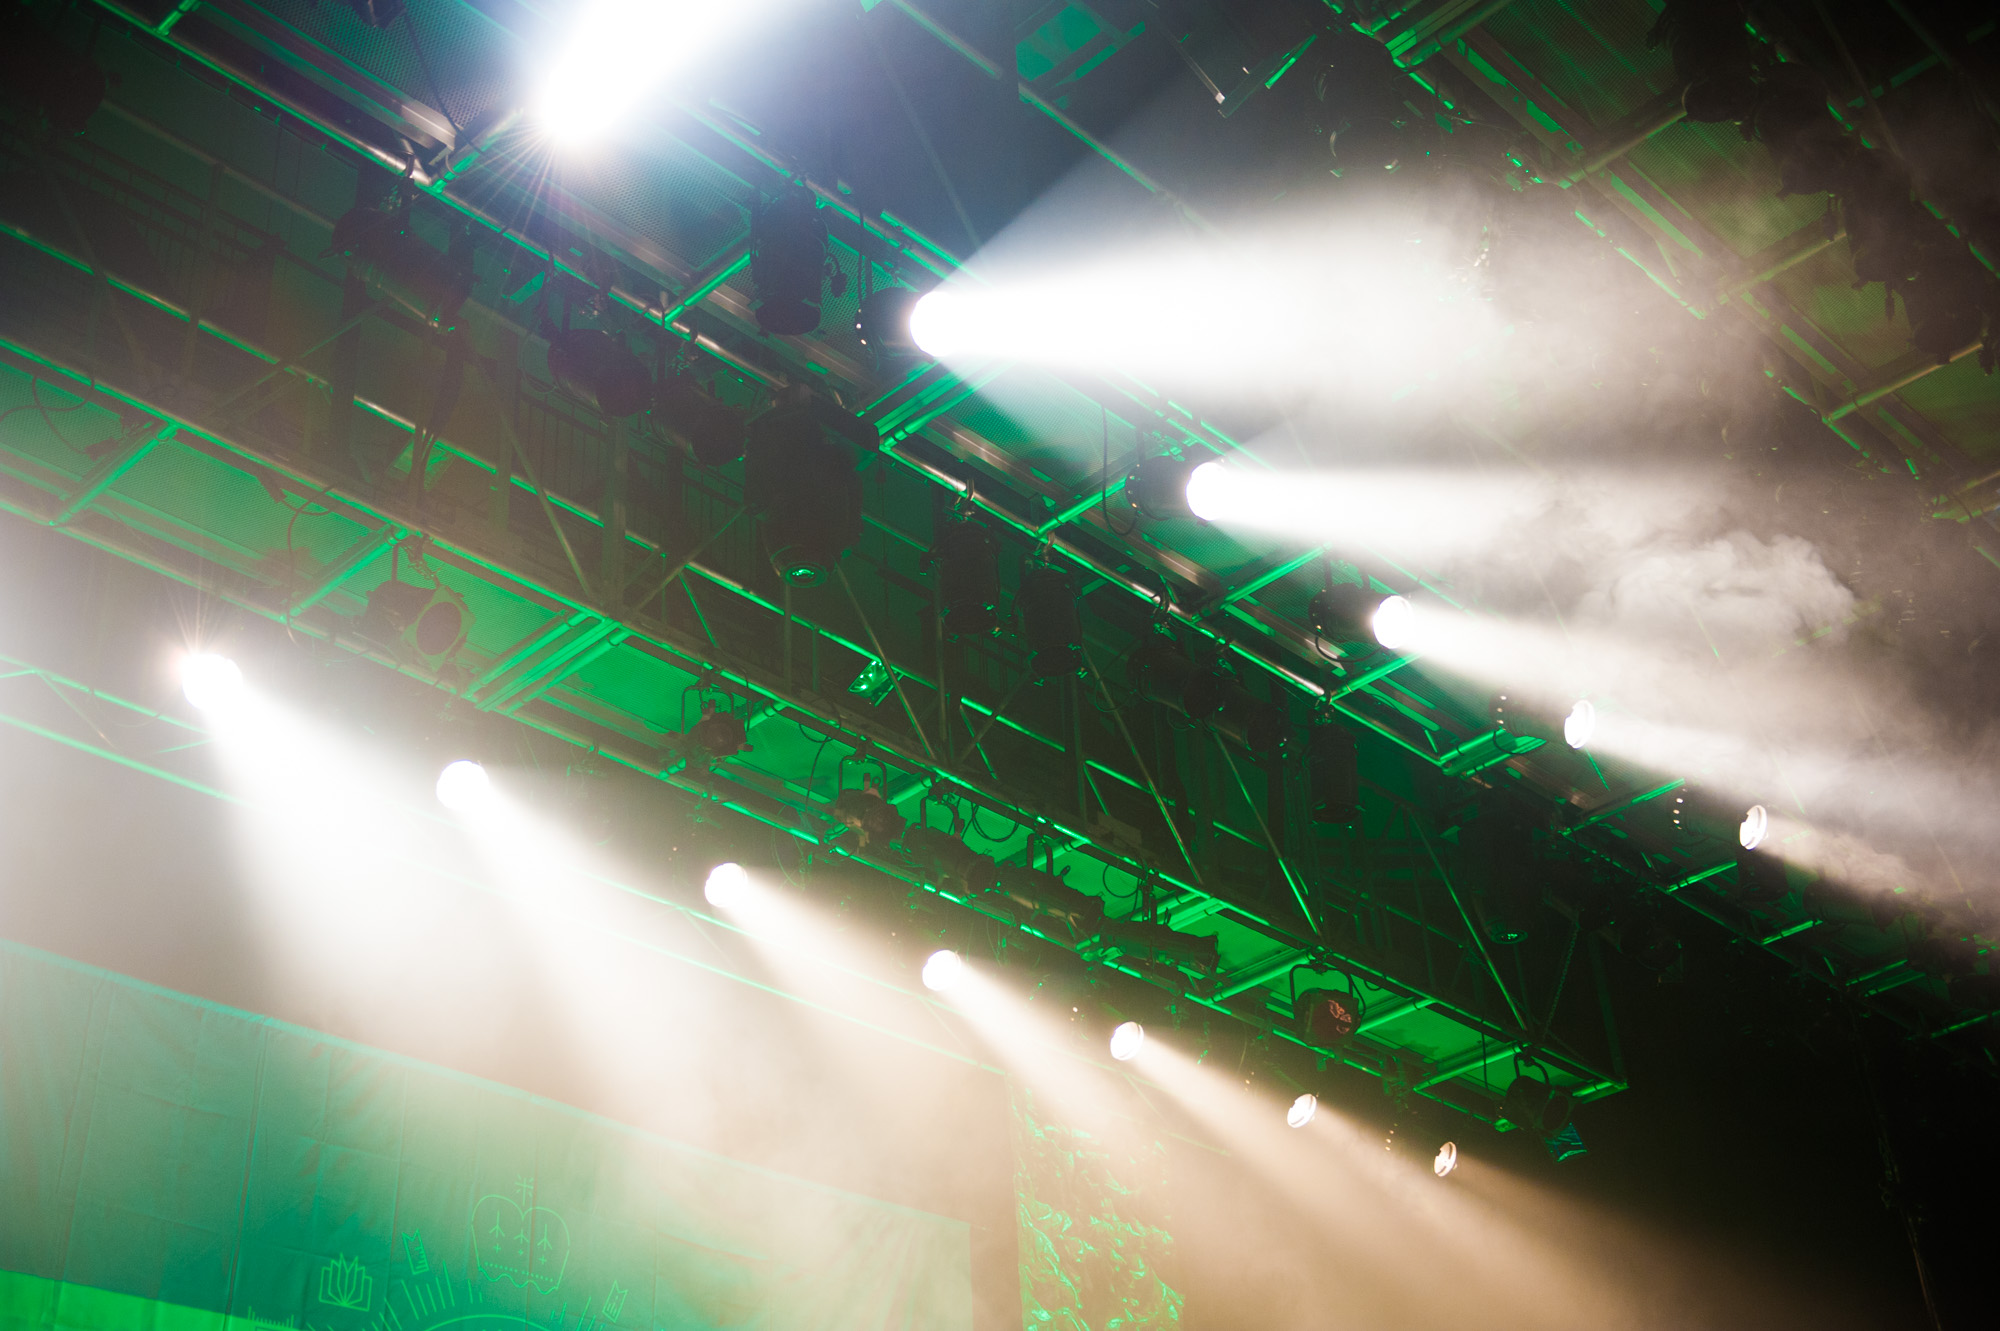 ステージを演出するスポットライト照明